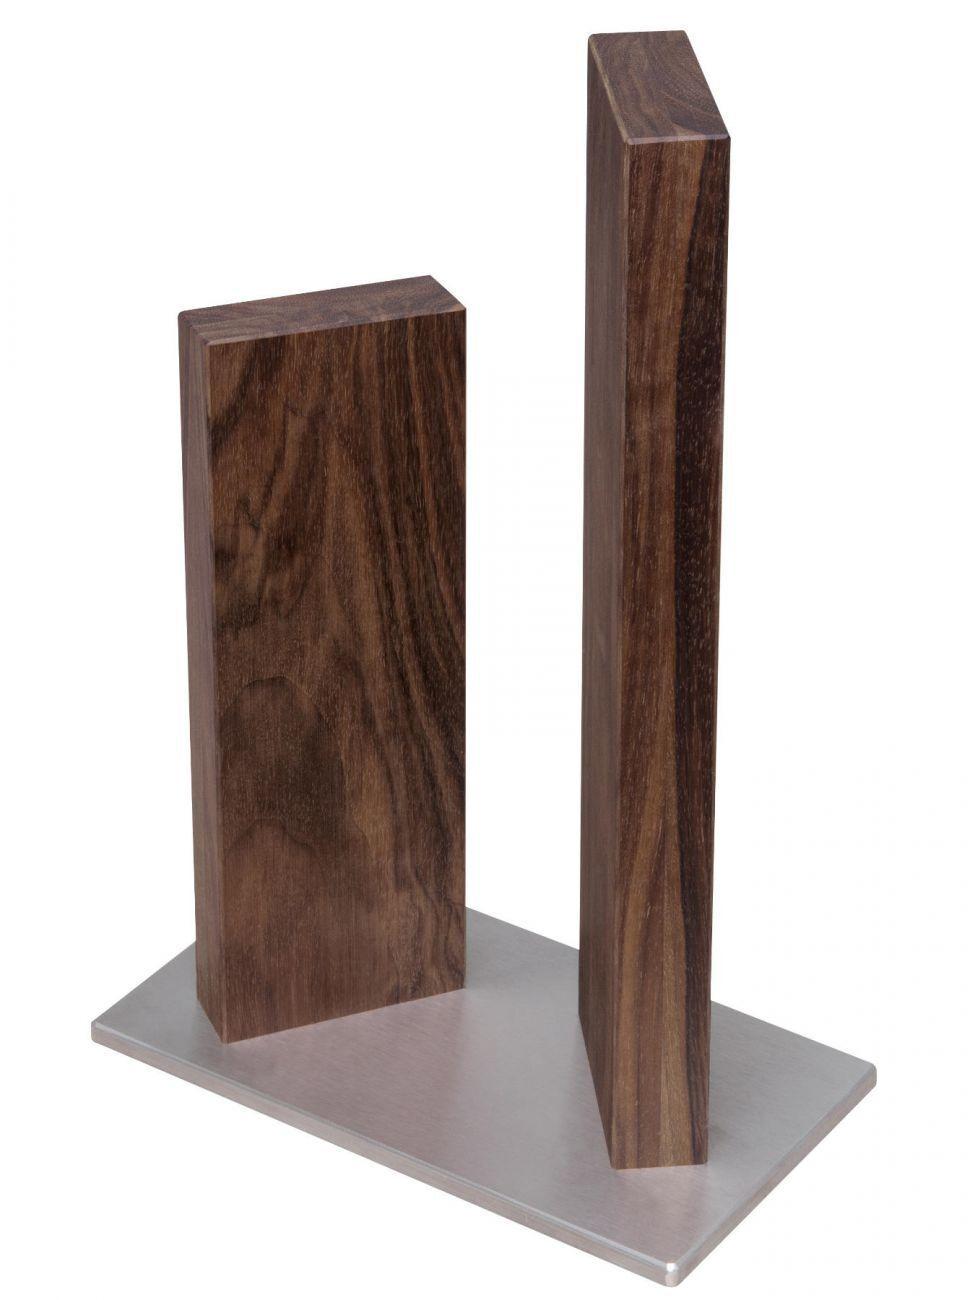 Kai sth-4.1 couteau Bloc Support Stonehenge en acier inoxydable noyer 4 couteaux magnétique